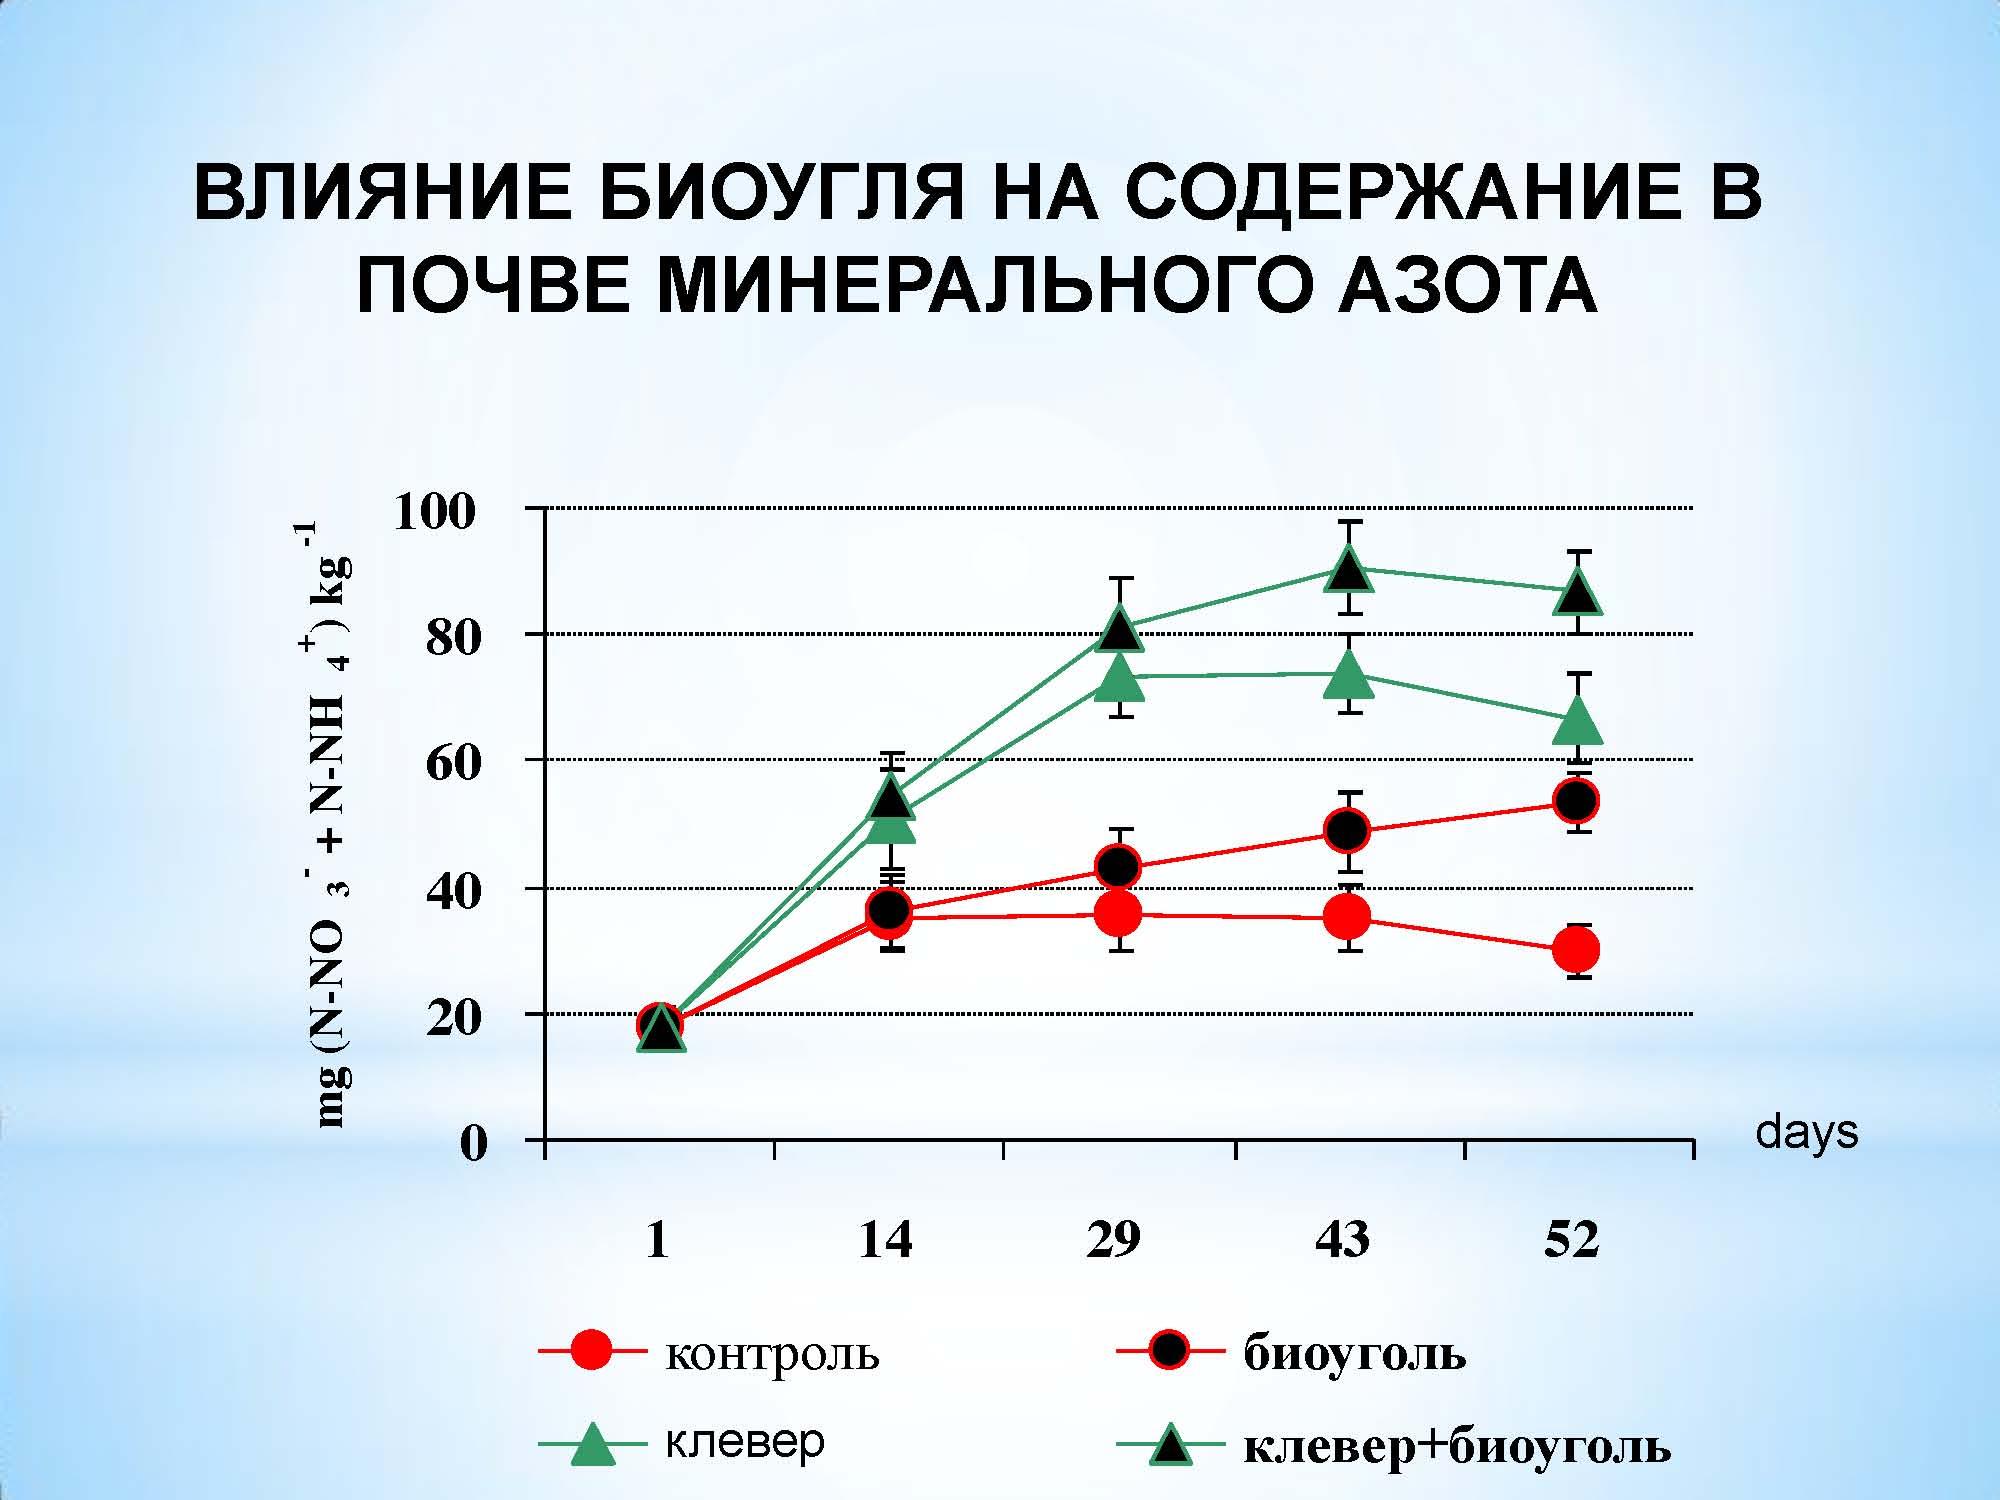 влияние биочара на содержание азота в почве